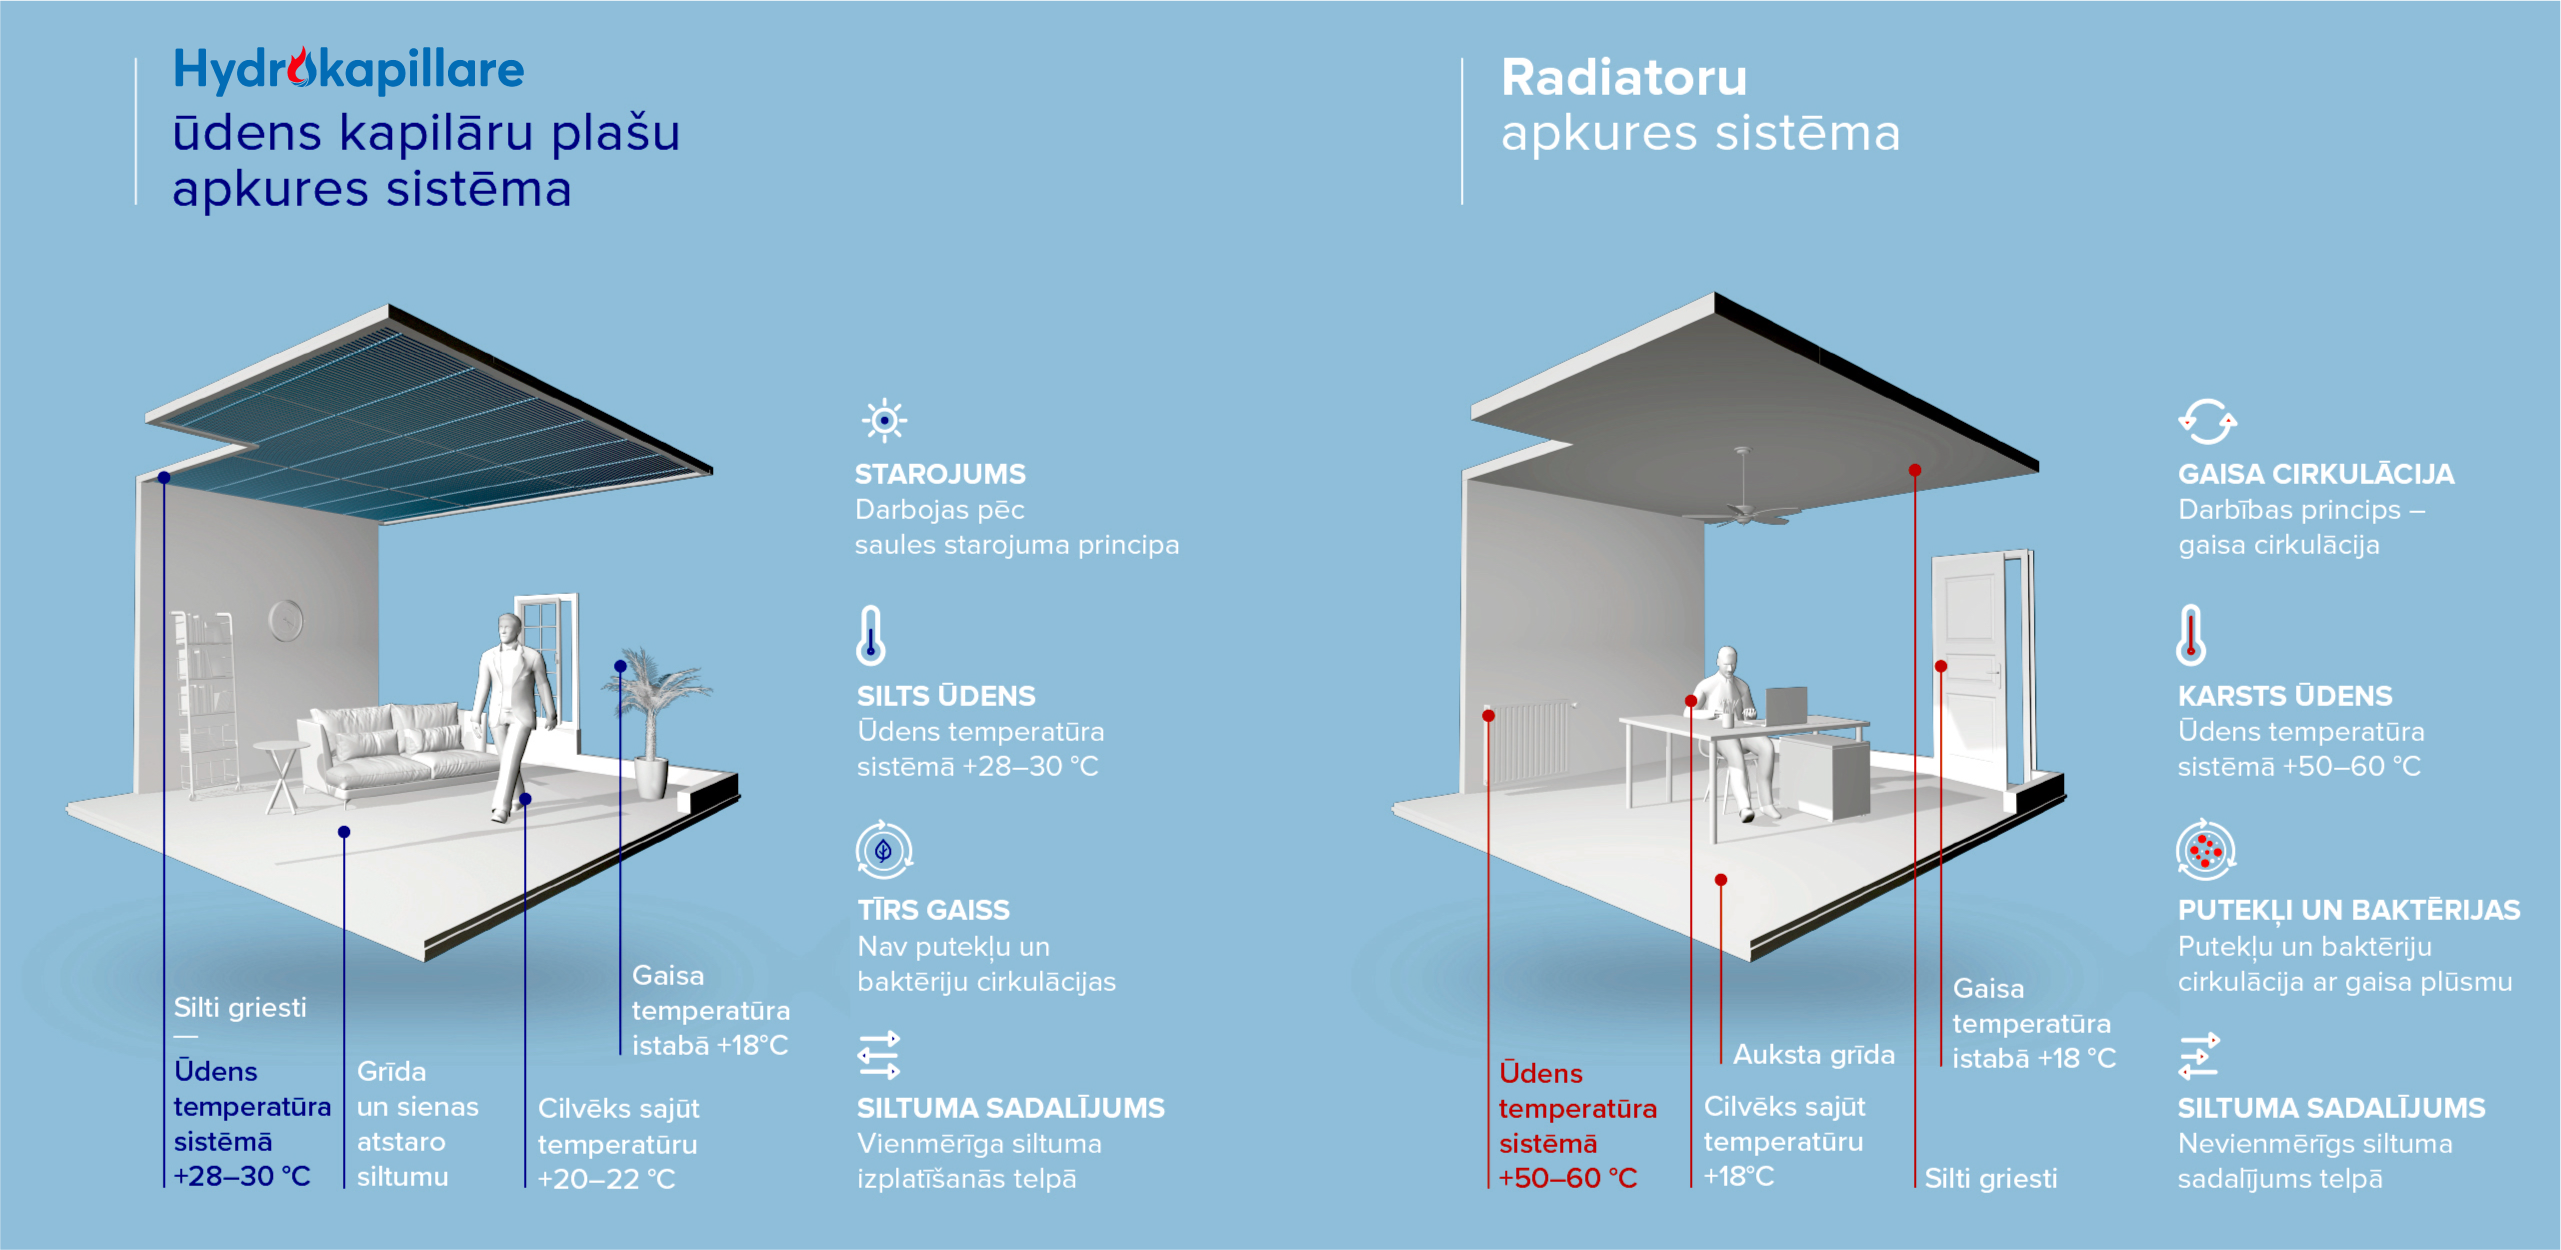 Asset 1HKvsradiatorheating